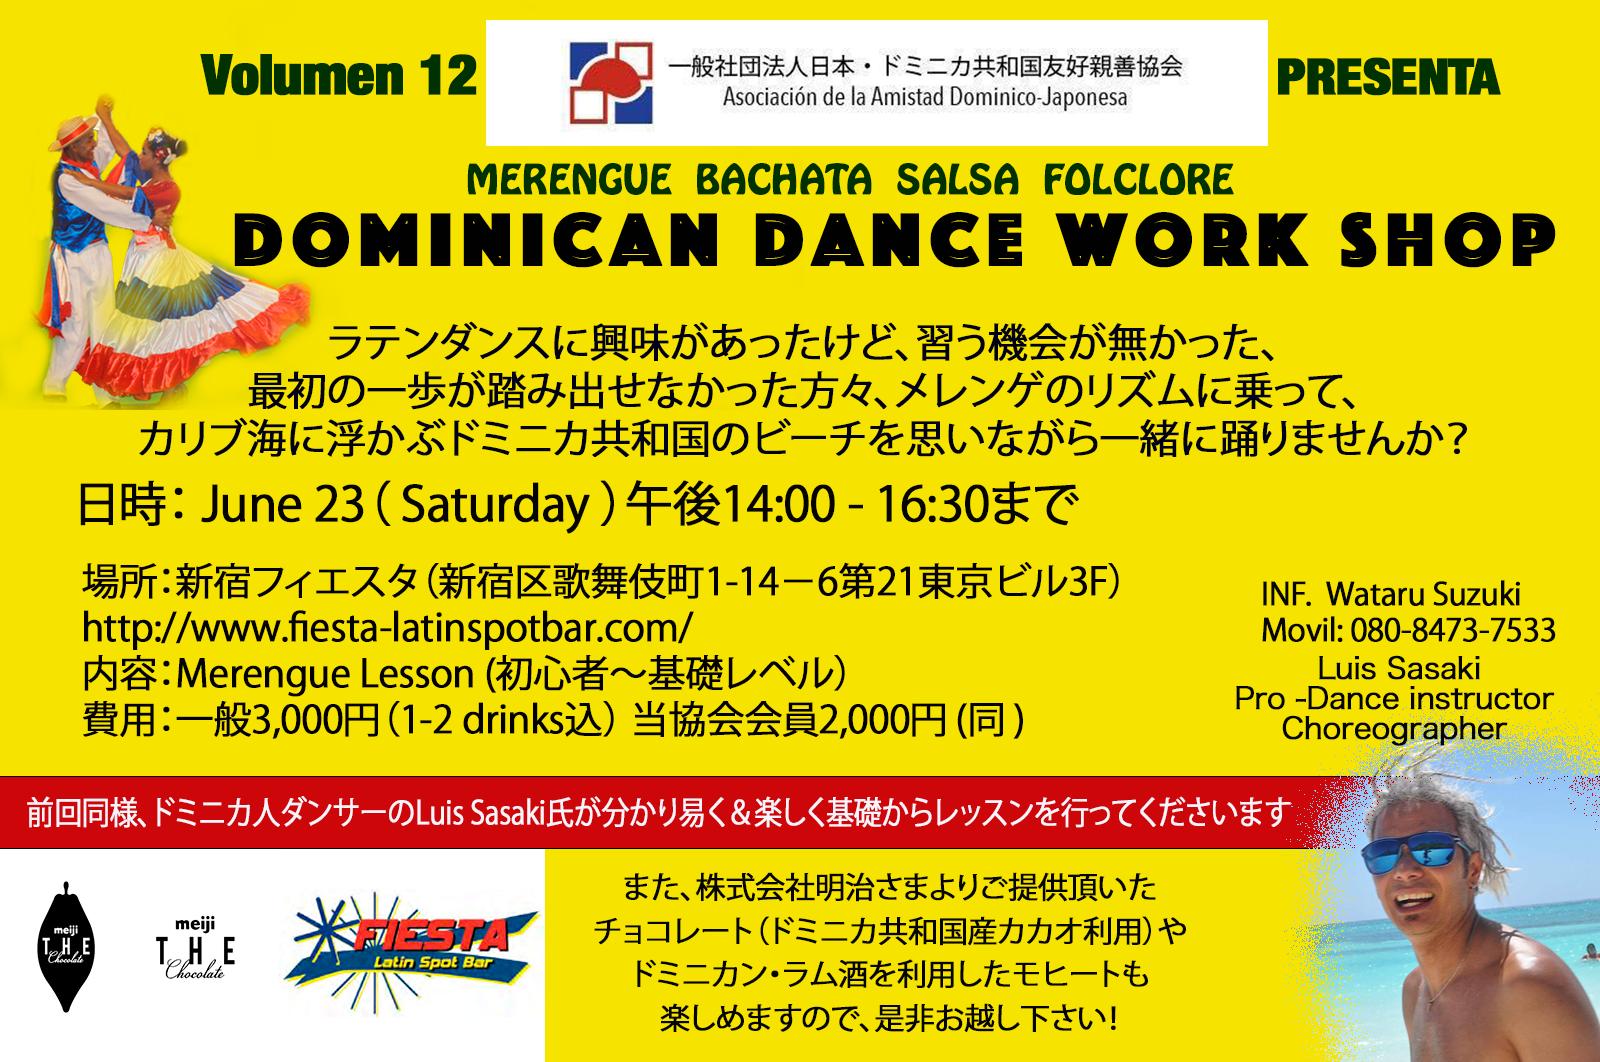 第12回ドミニカンダンス・ワークショップ開催のお知らせ! (¡El doceavo taller de baile dominicano!)